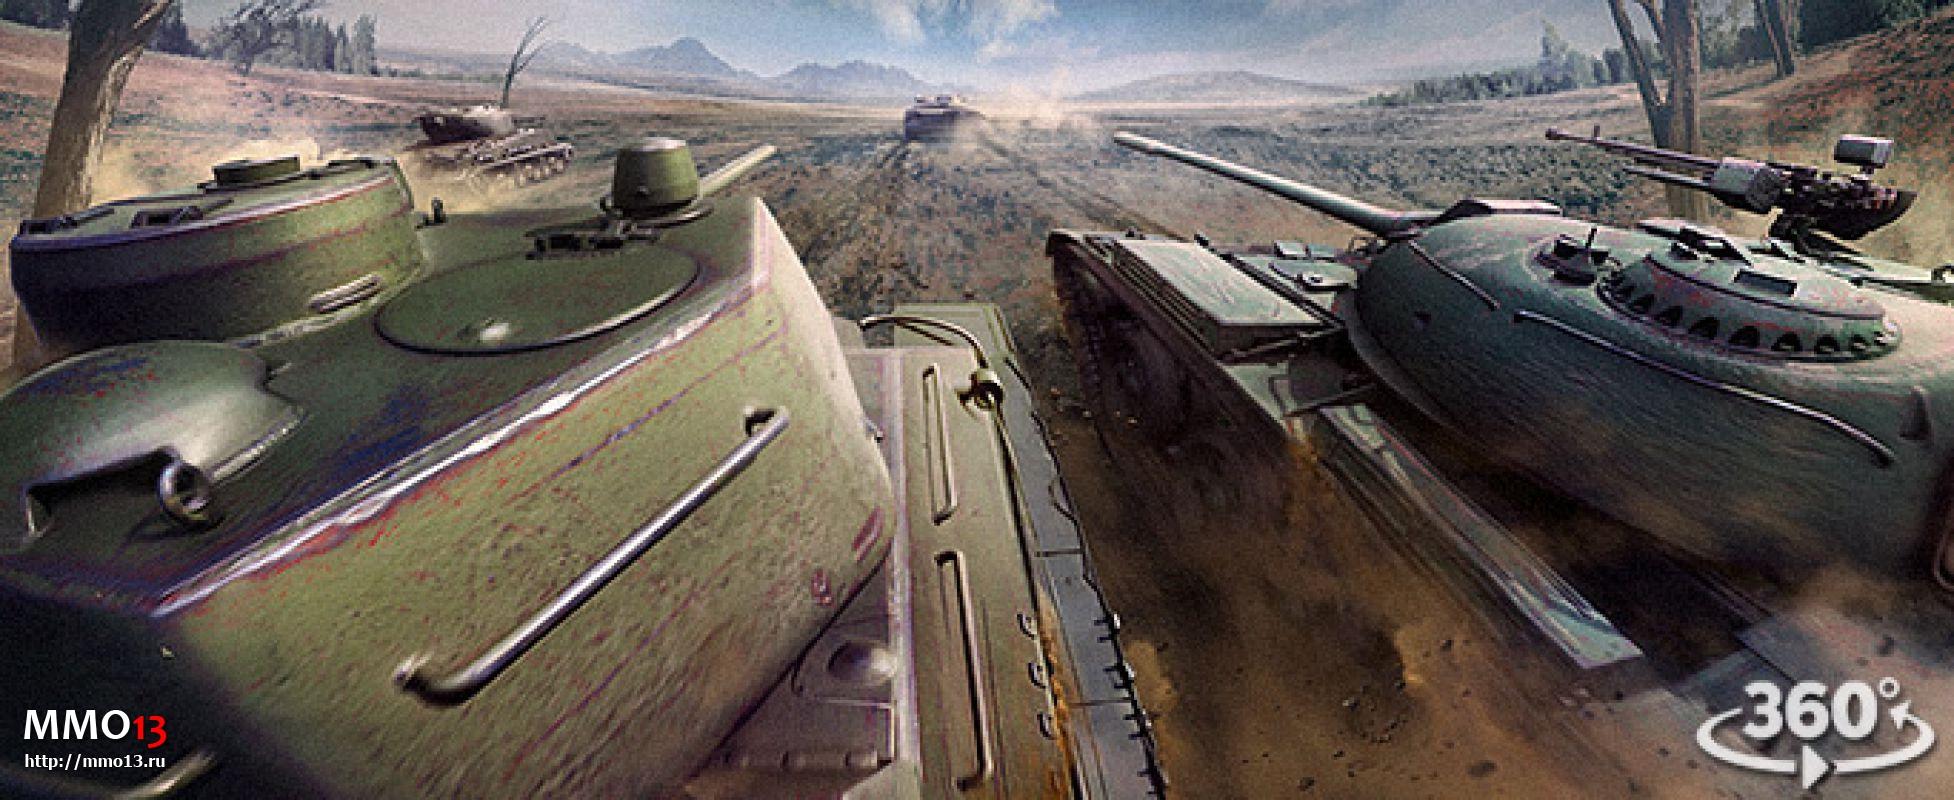 Wargaming - Реконструкция боя 1941 года с помощью виртуальной реальности